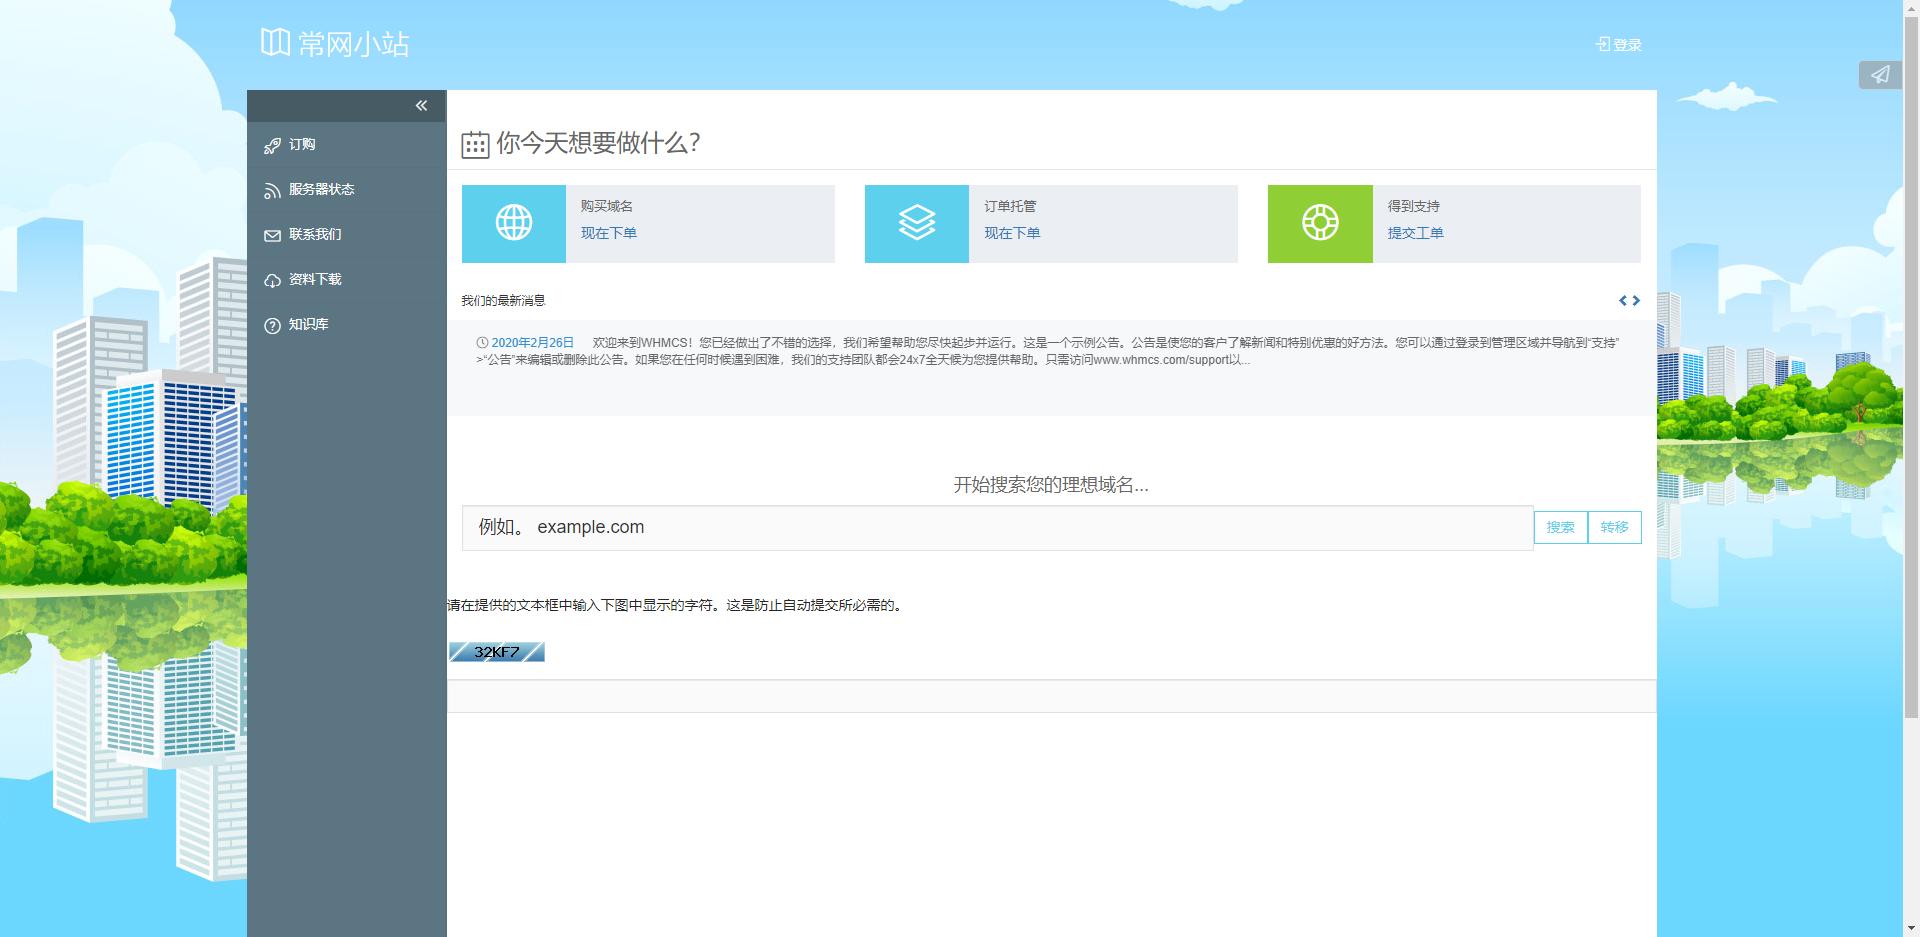 WHMCS主题模板Hexa自适应-支持WHMCS7.9.1-常网小站Miknio